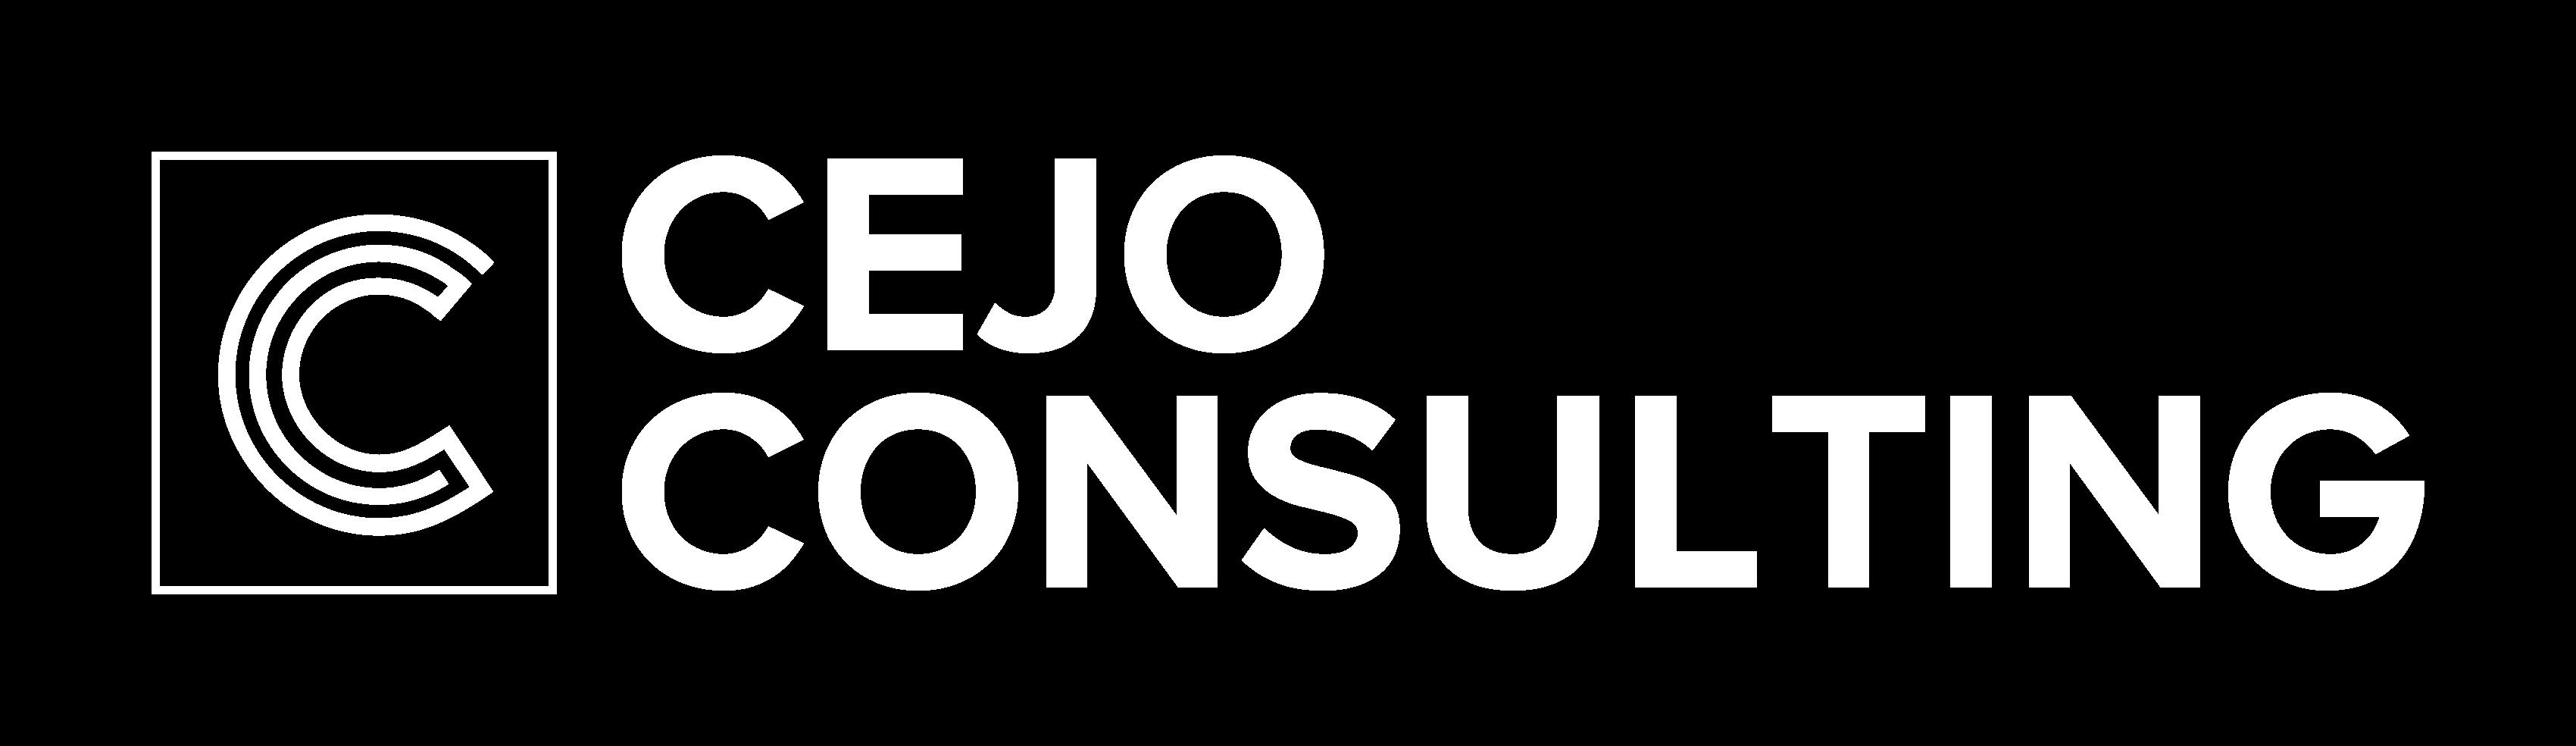 Cejo Consulting